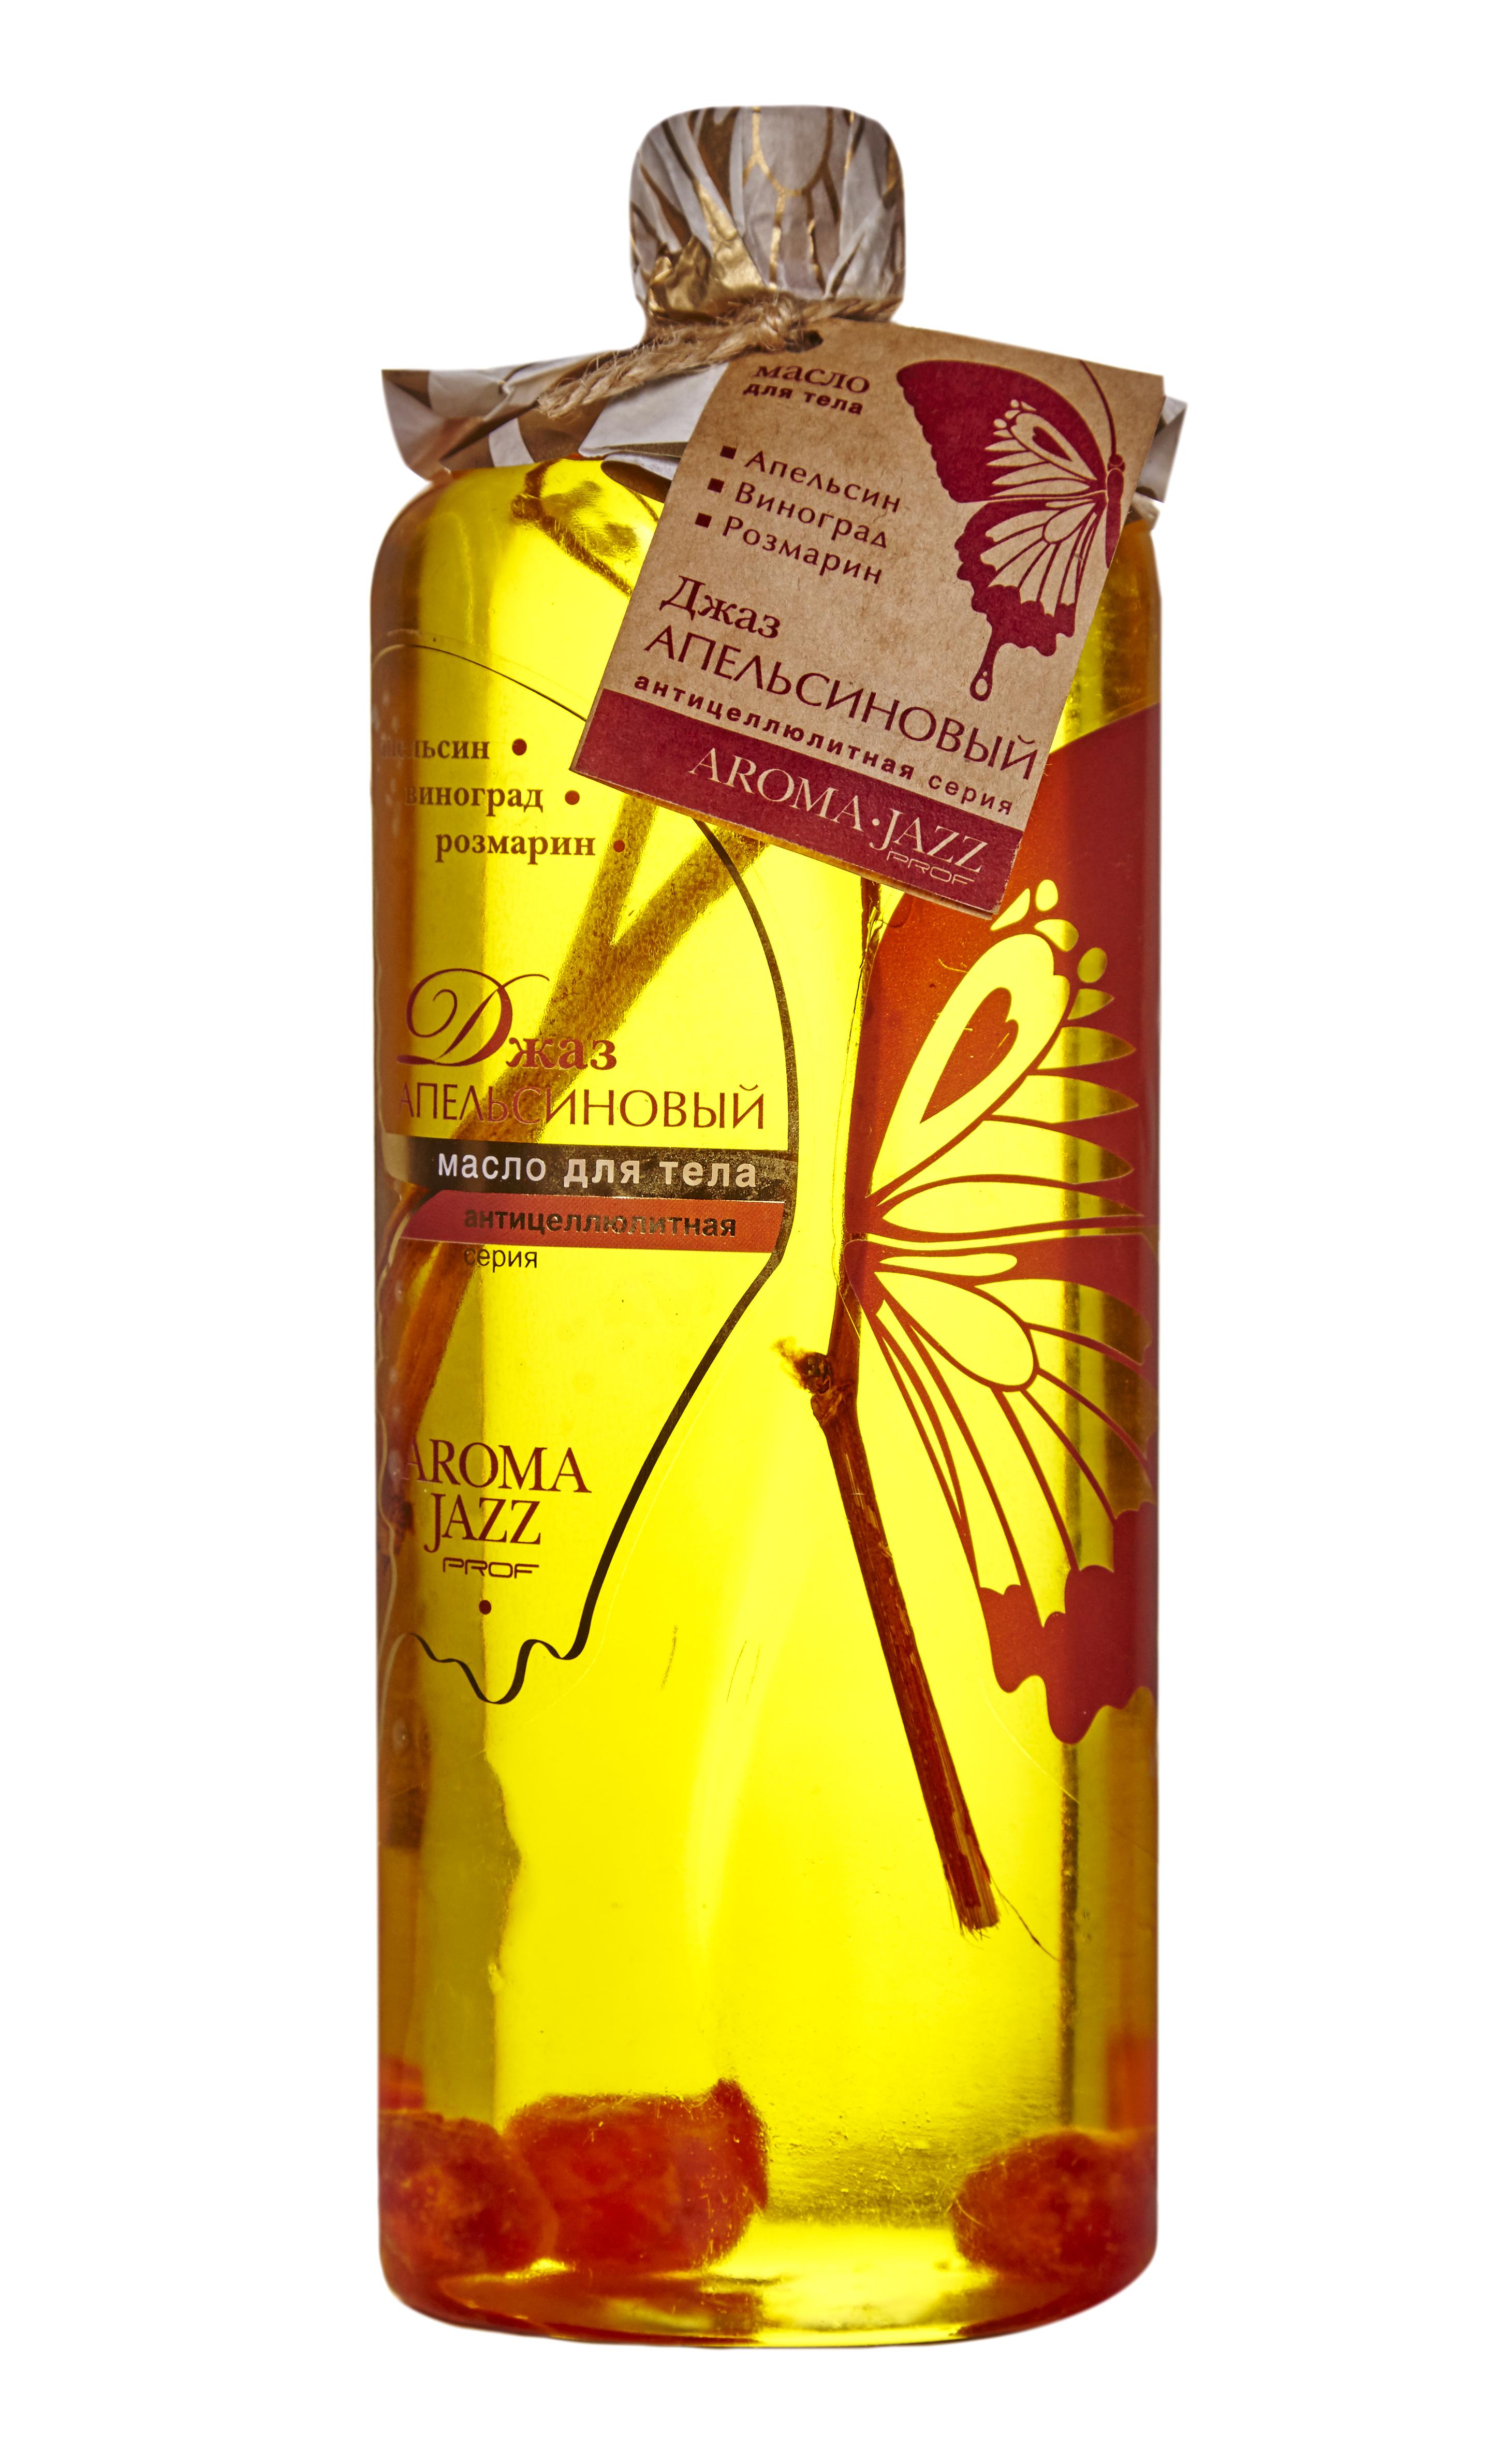 AROMA JAZZ Масло массажное жидкое для тела Апельсиновый джаз 1000мл aroma jazz твердое масло апельсиновый джаз 150 мл